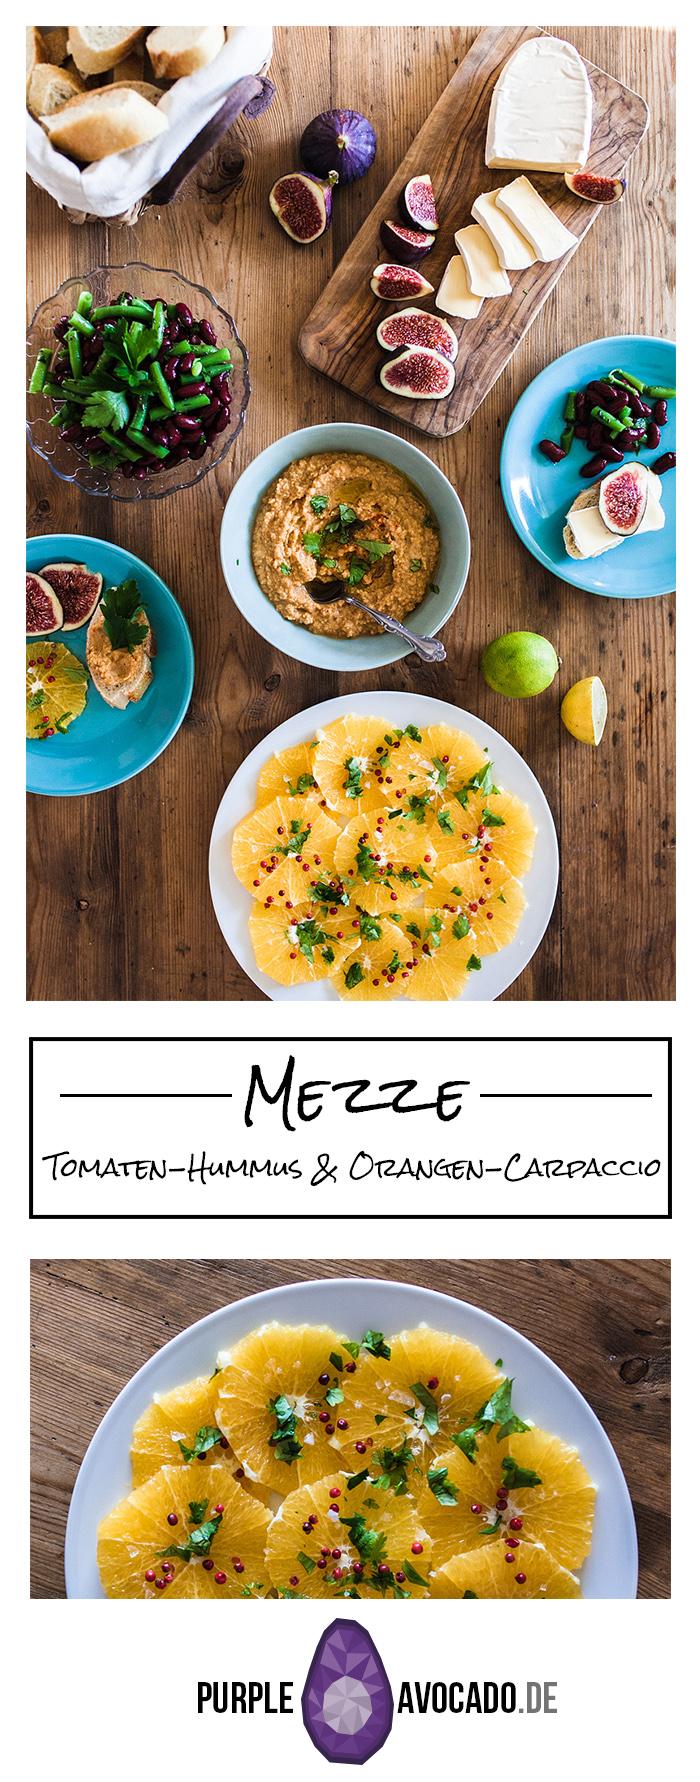 Mezze, viele verschiedene, kleine Speisen sind genau die richtige Speise für heiße Sommertage als auch grundsätzlich für Entscheidungs-Unwillige. Bei uns gab es dieses Mal kräftigen Tomaten-Hummus, leichtes Orangen-Carpaccio, einen sauer angemachten grünen Bohnensalat, sowie Camembert mit süßen Feigen und Honig.